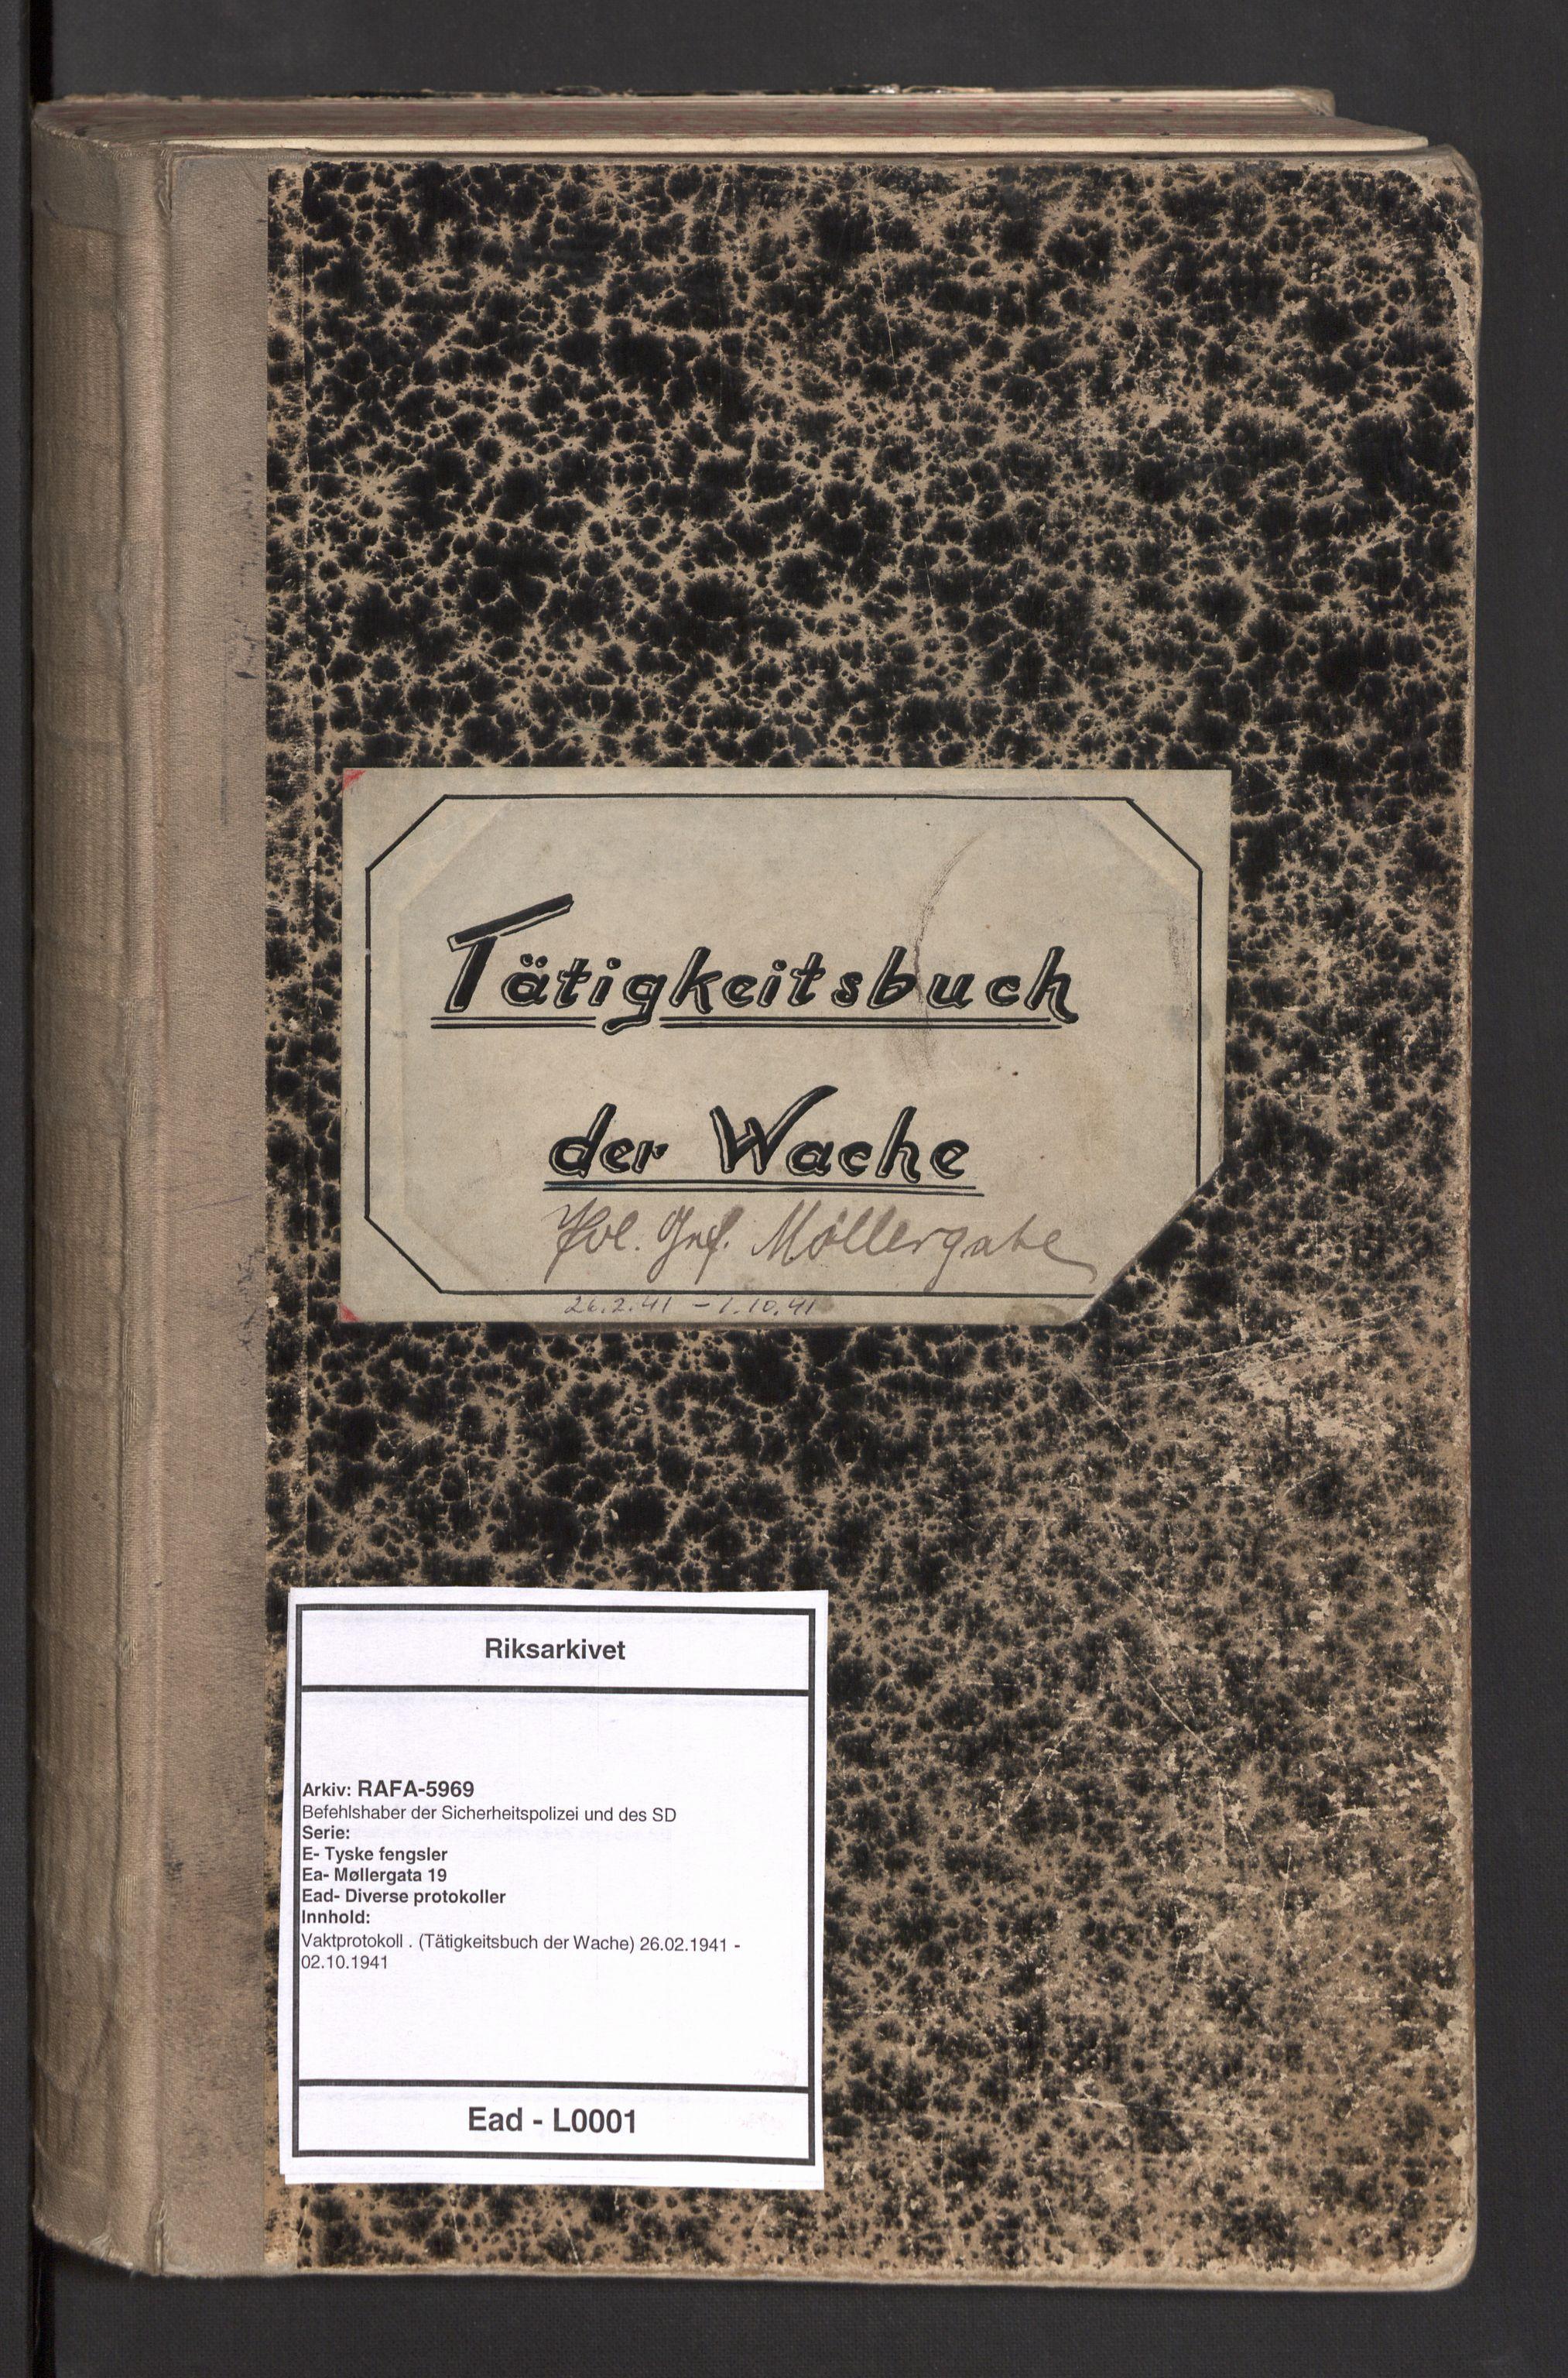 RA, Befehlshaber der Sicherheitspolizei und des SD, E/Ea/Ead/L0001: Vaktprotokoll . (Tätigkeitsbuch der Wache), 1941